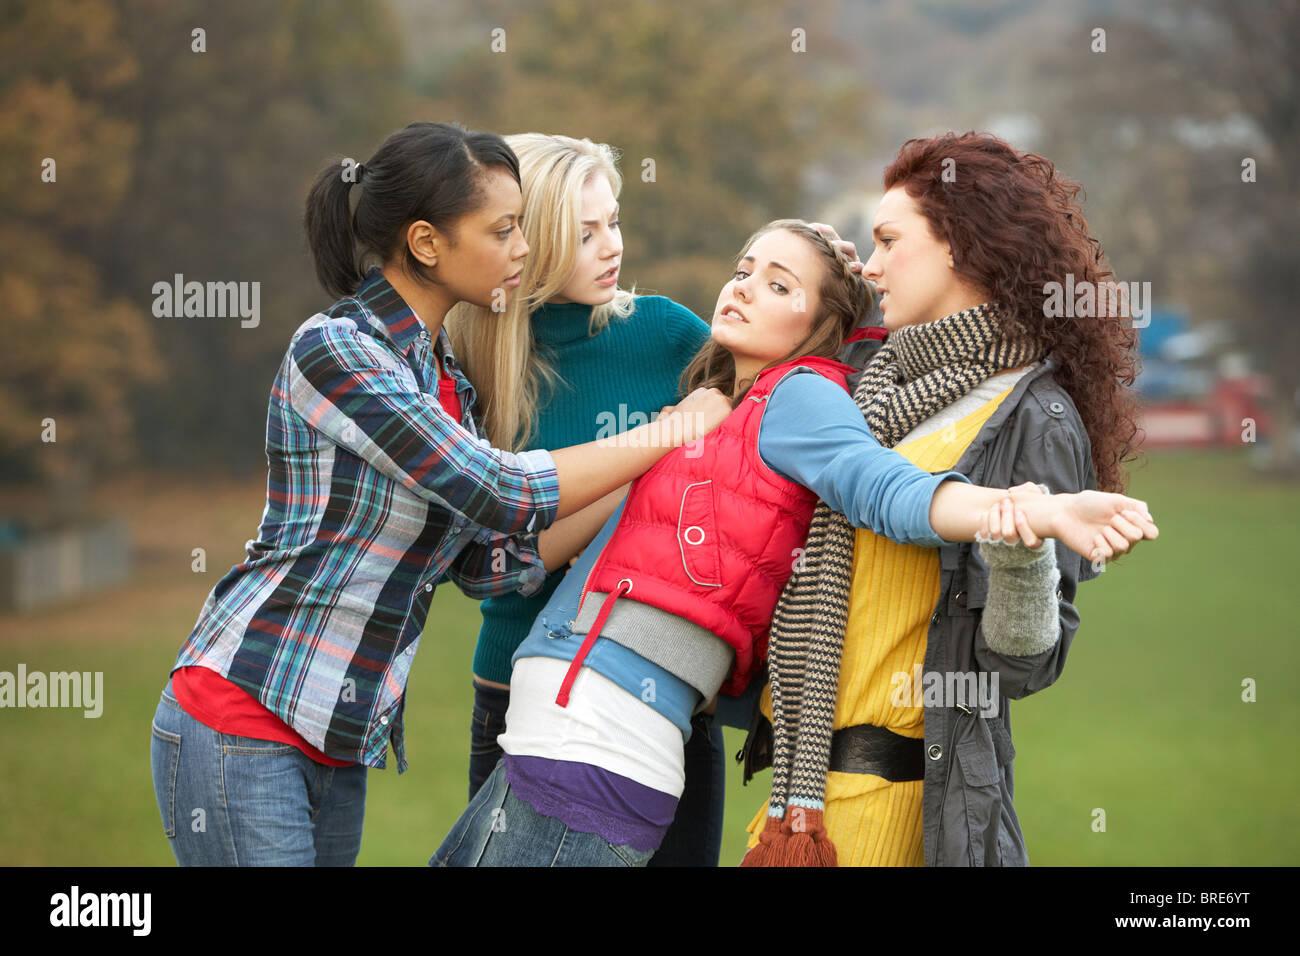 Un gruppo di adolescenti di sesso femminile il bullismo ragazza Immagini Stock